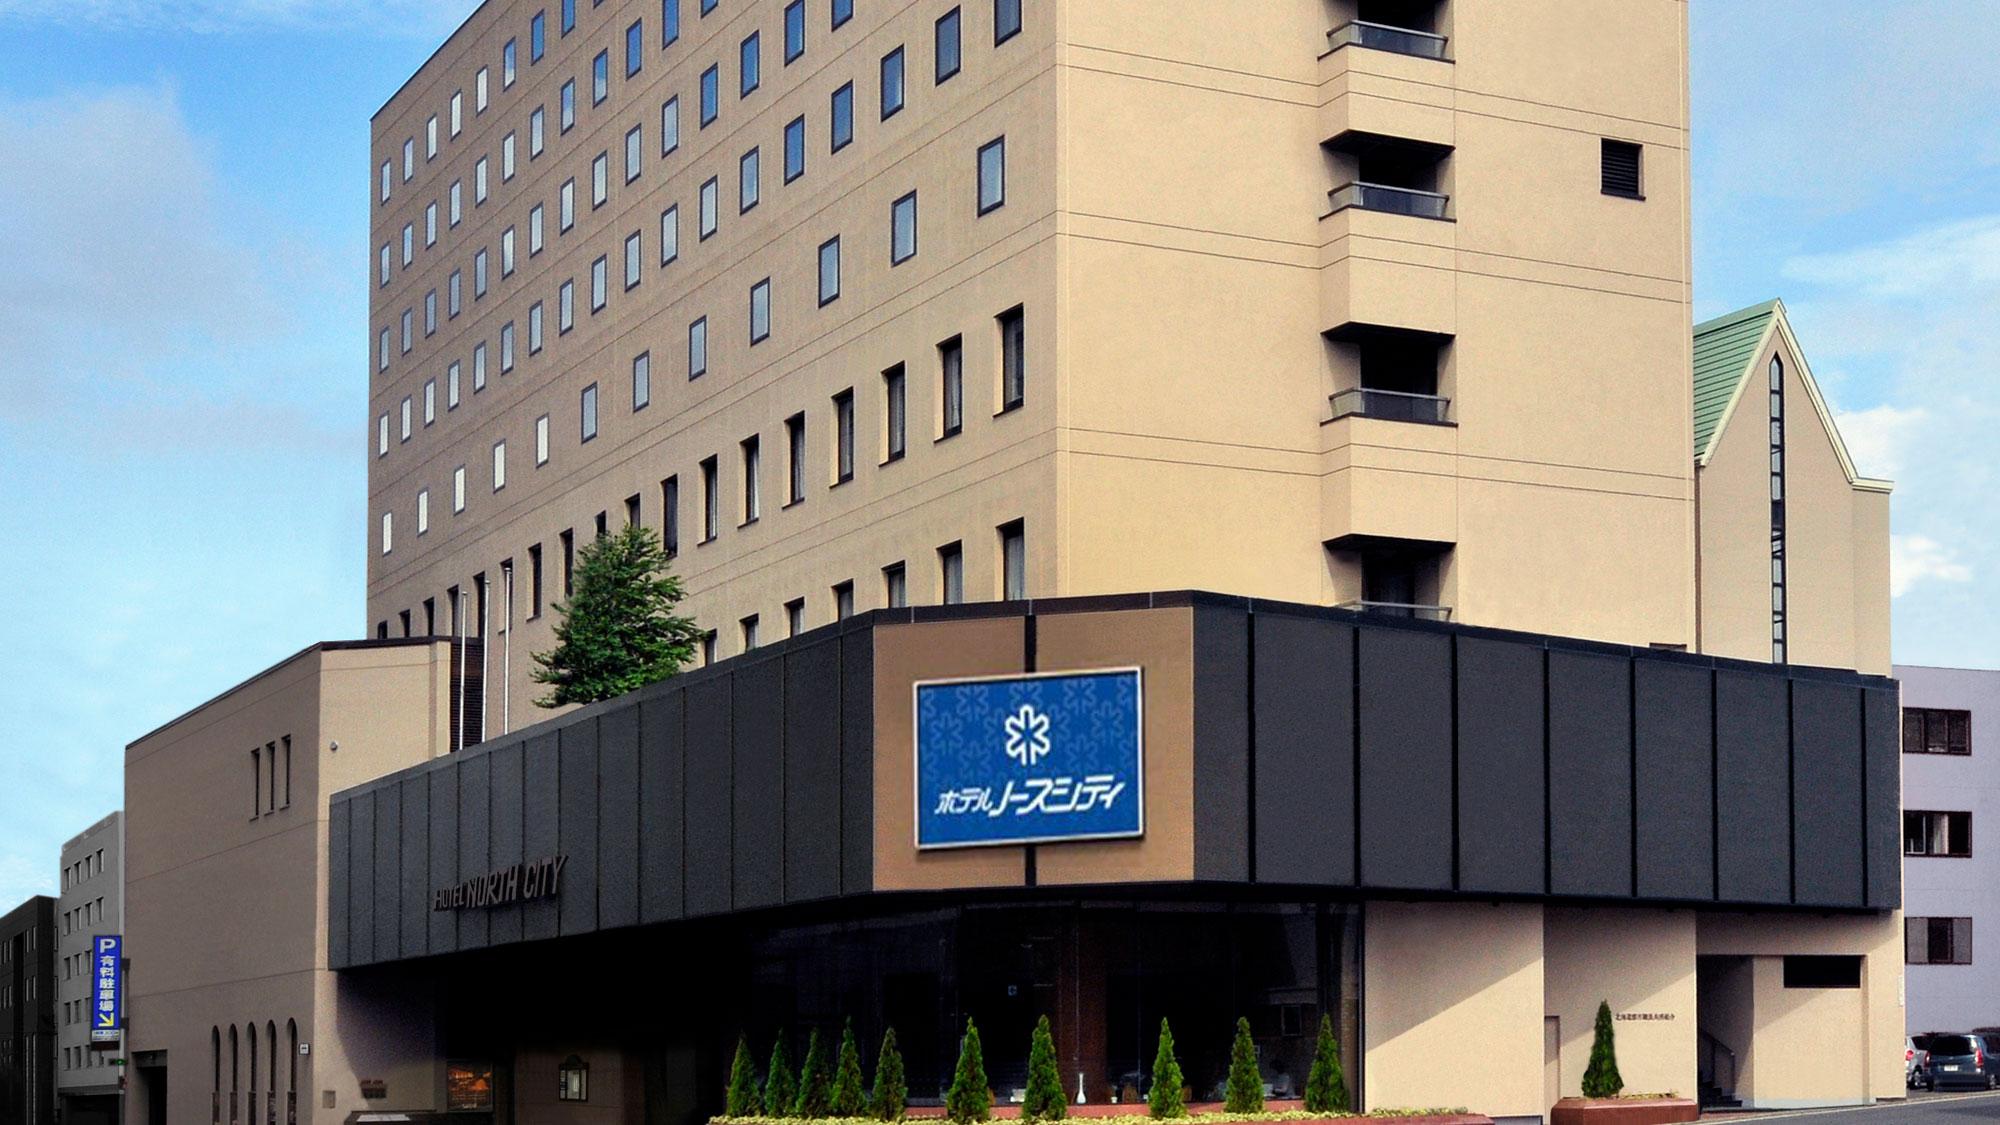 北海道 すすきの近辺で女性が泊っても安心のカプセルホテルは?